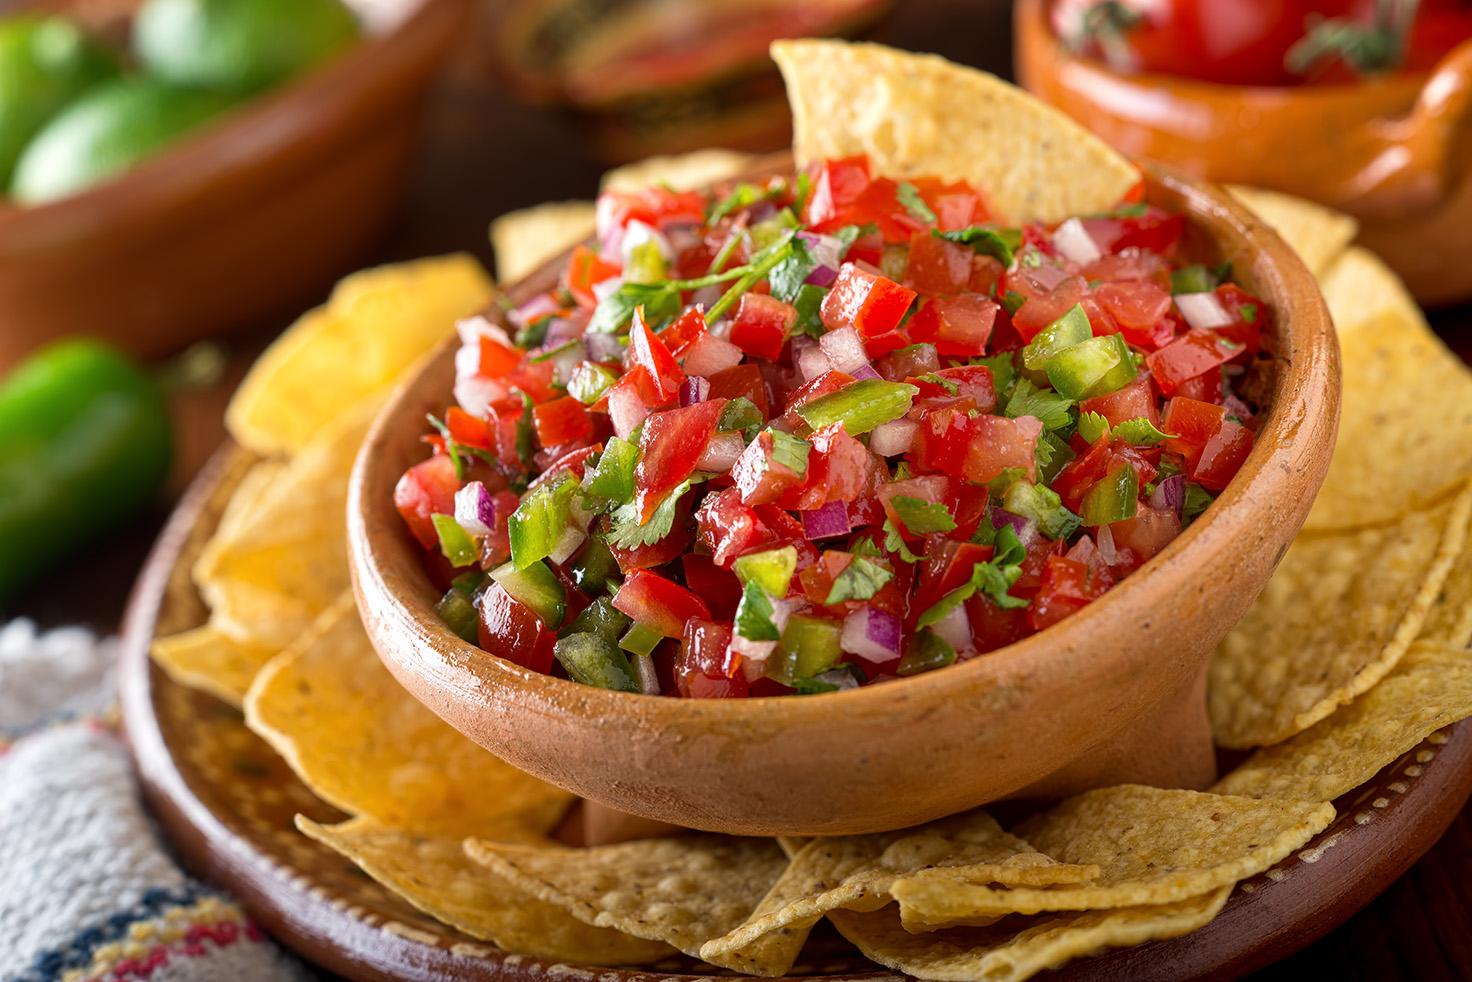 мексиканский соус пико де галло